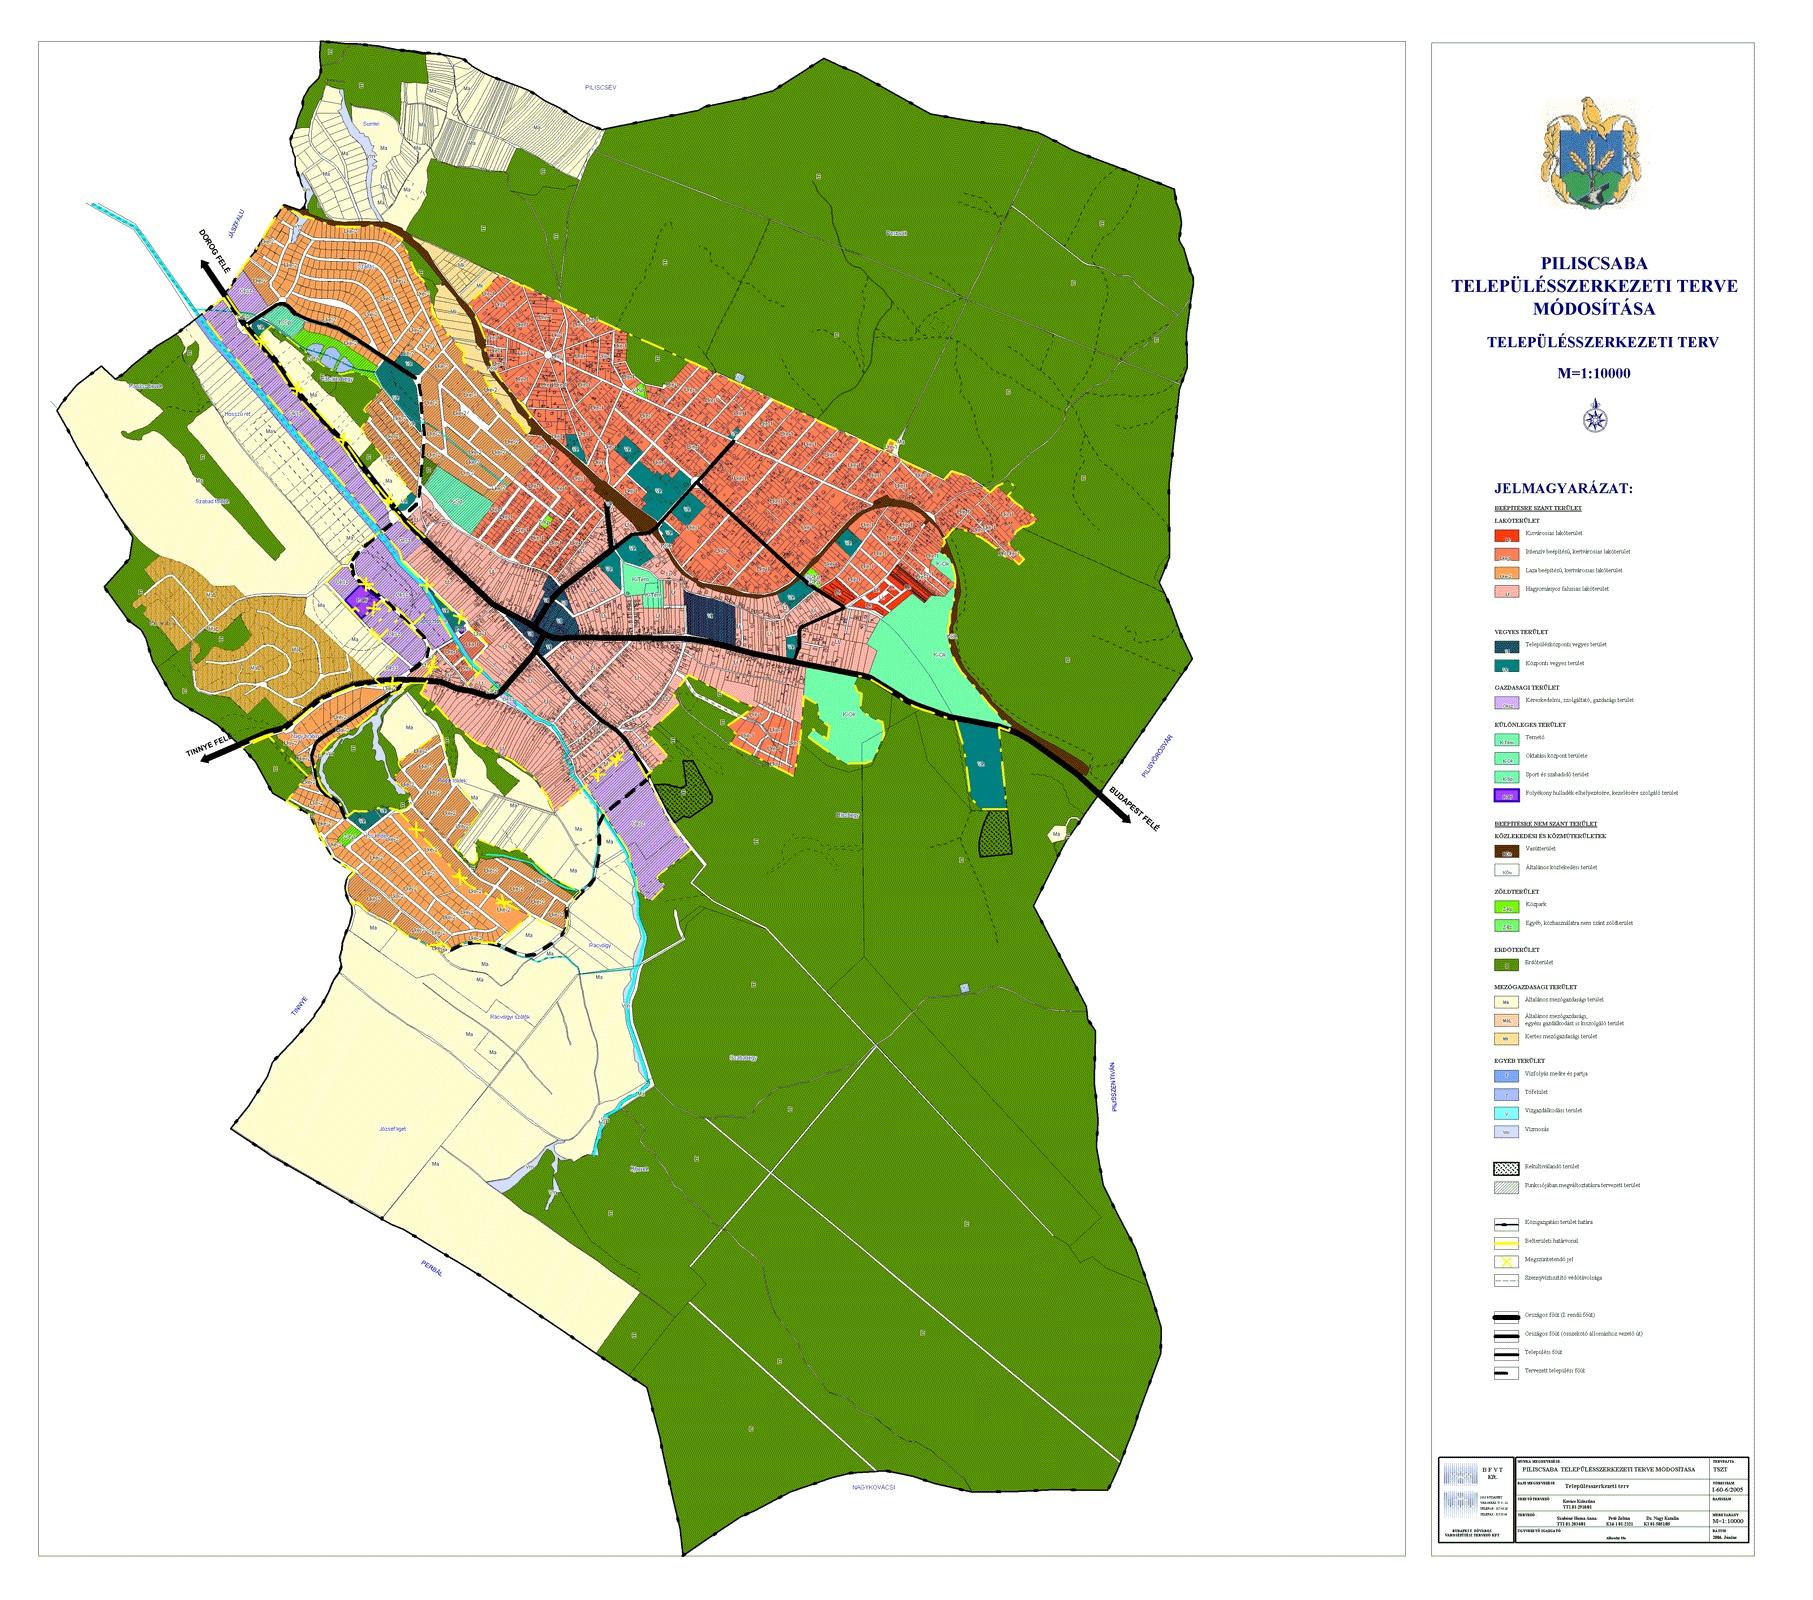 Piliscsaba Telepulesszerkezeti Terve Budapest Fovaros